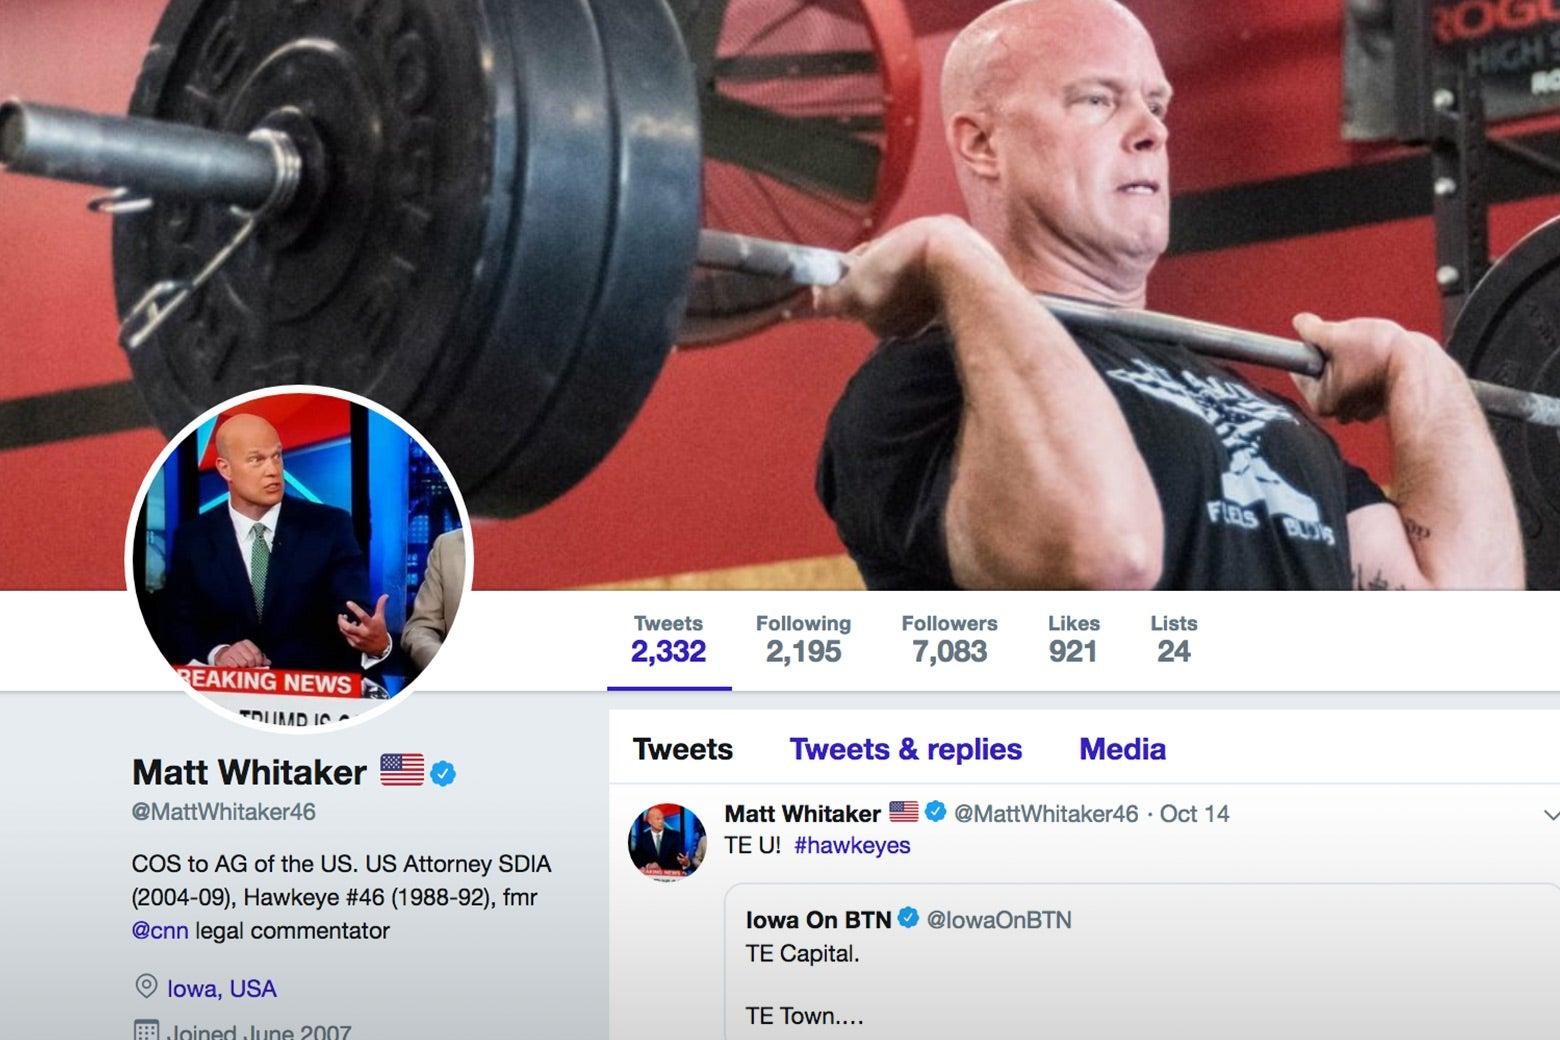 Screenshot of Matt Whitaker's Twitter account.